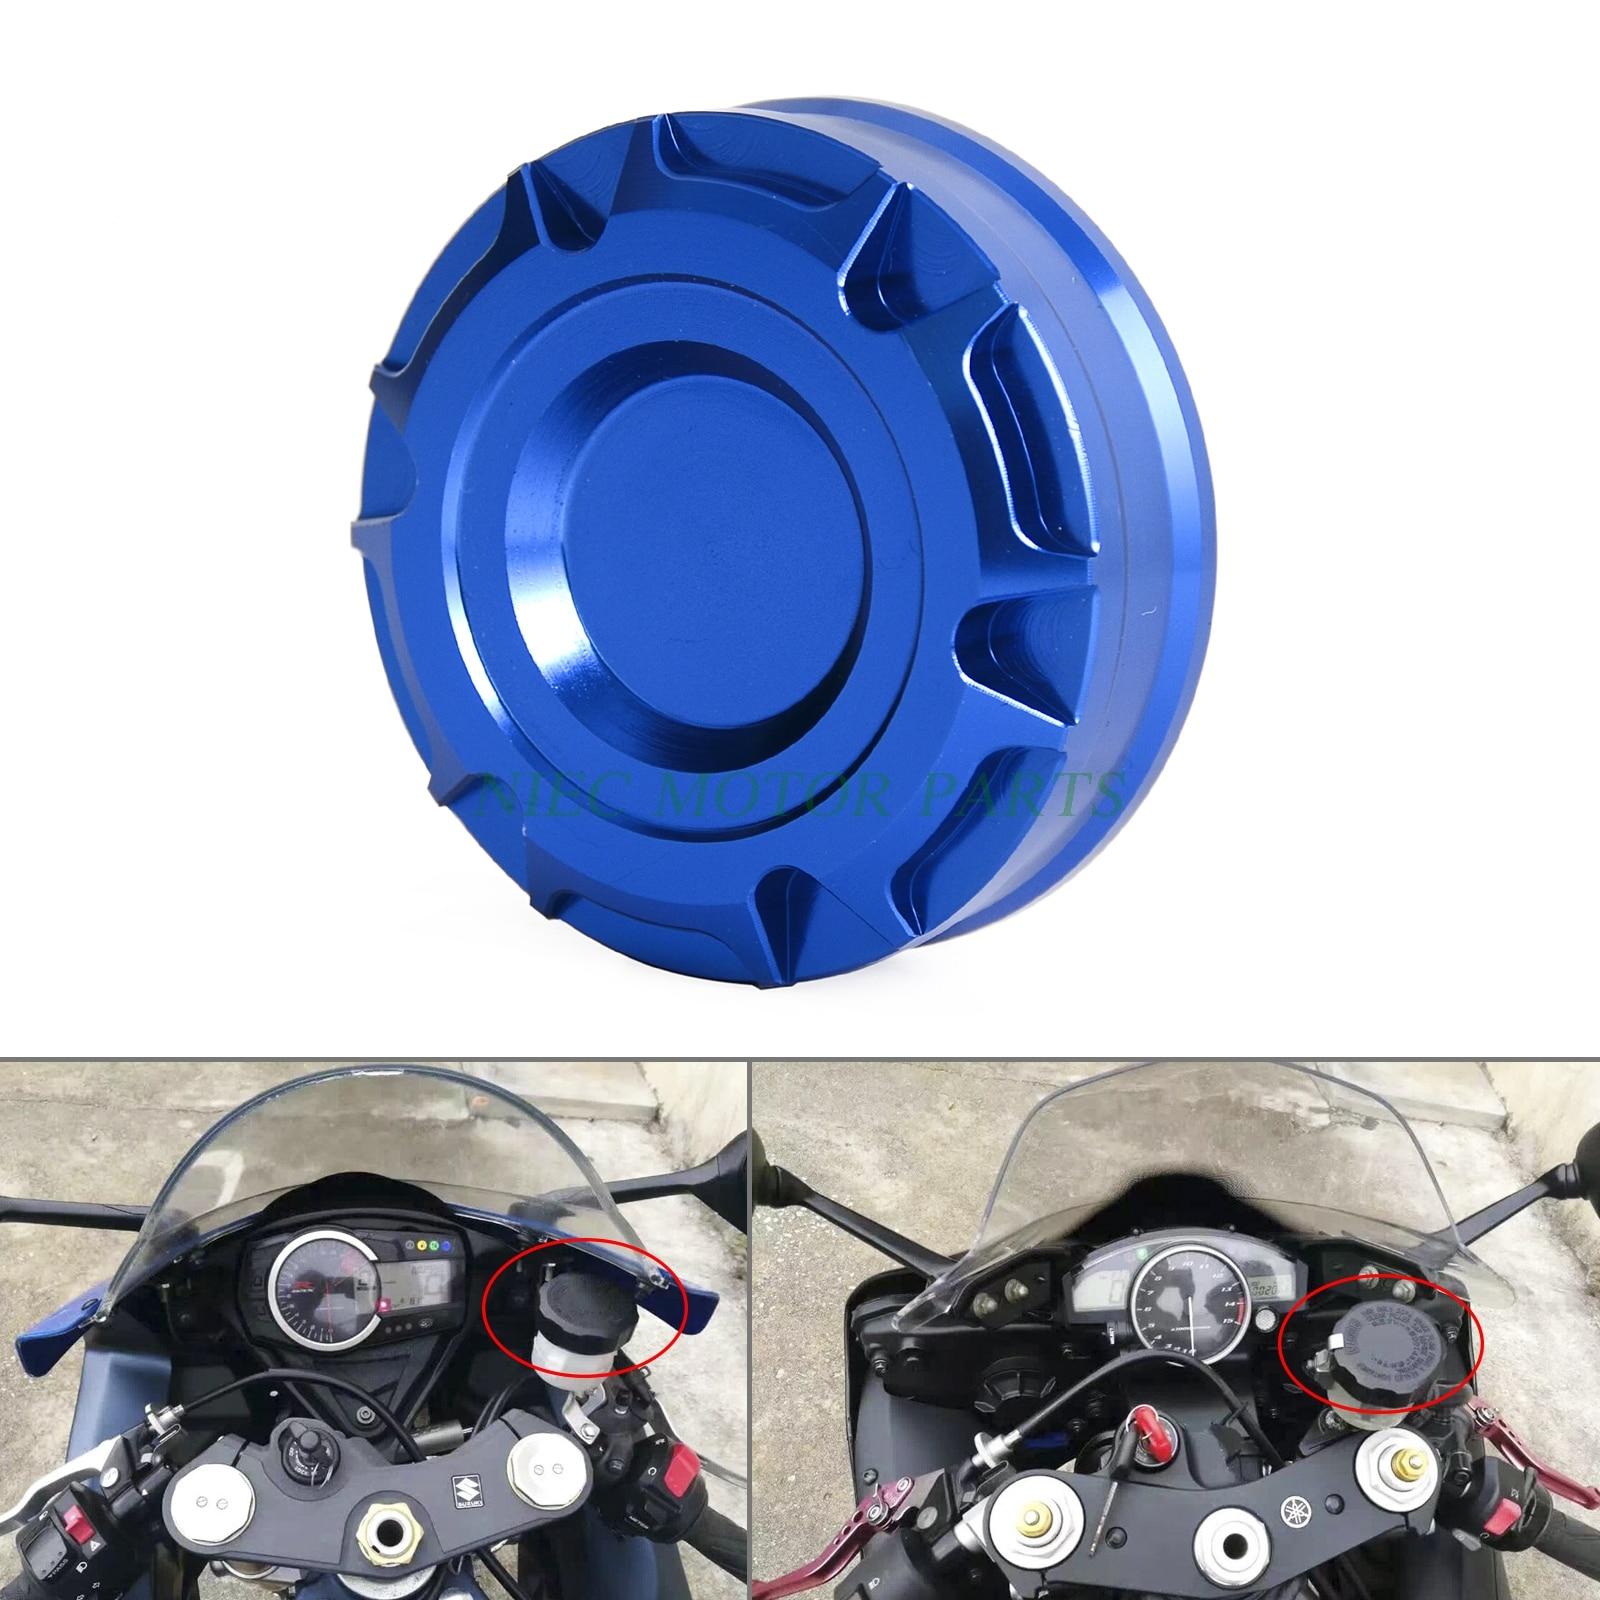 For Yamaha R1 R6 BWM S1000RR  HONDA CBR600 1000 KAWASAKI Z1000 ZX10R GSXR600 750 1000 SV650 CNC Brake Reservoir Cap yamaha dbr15